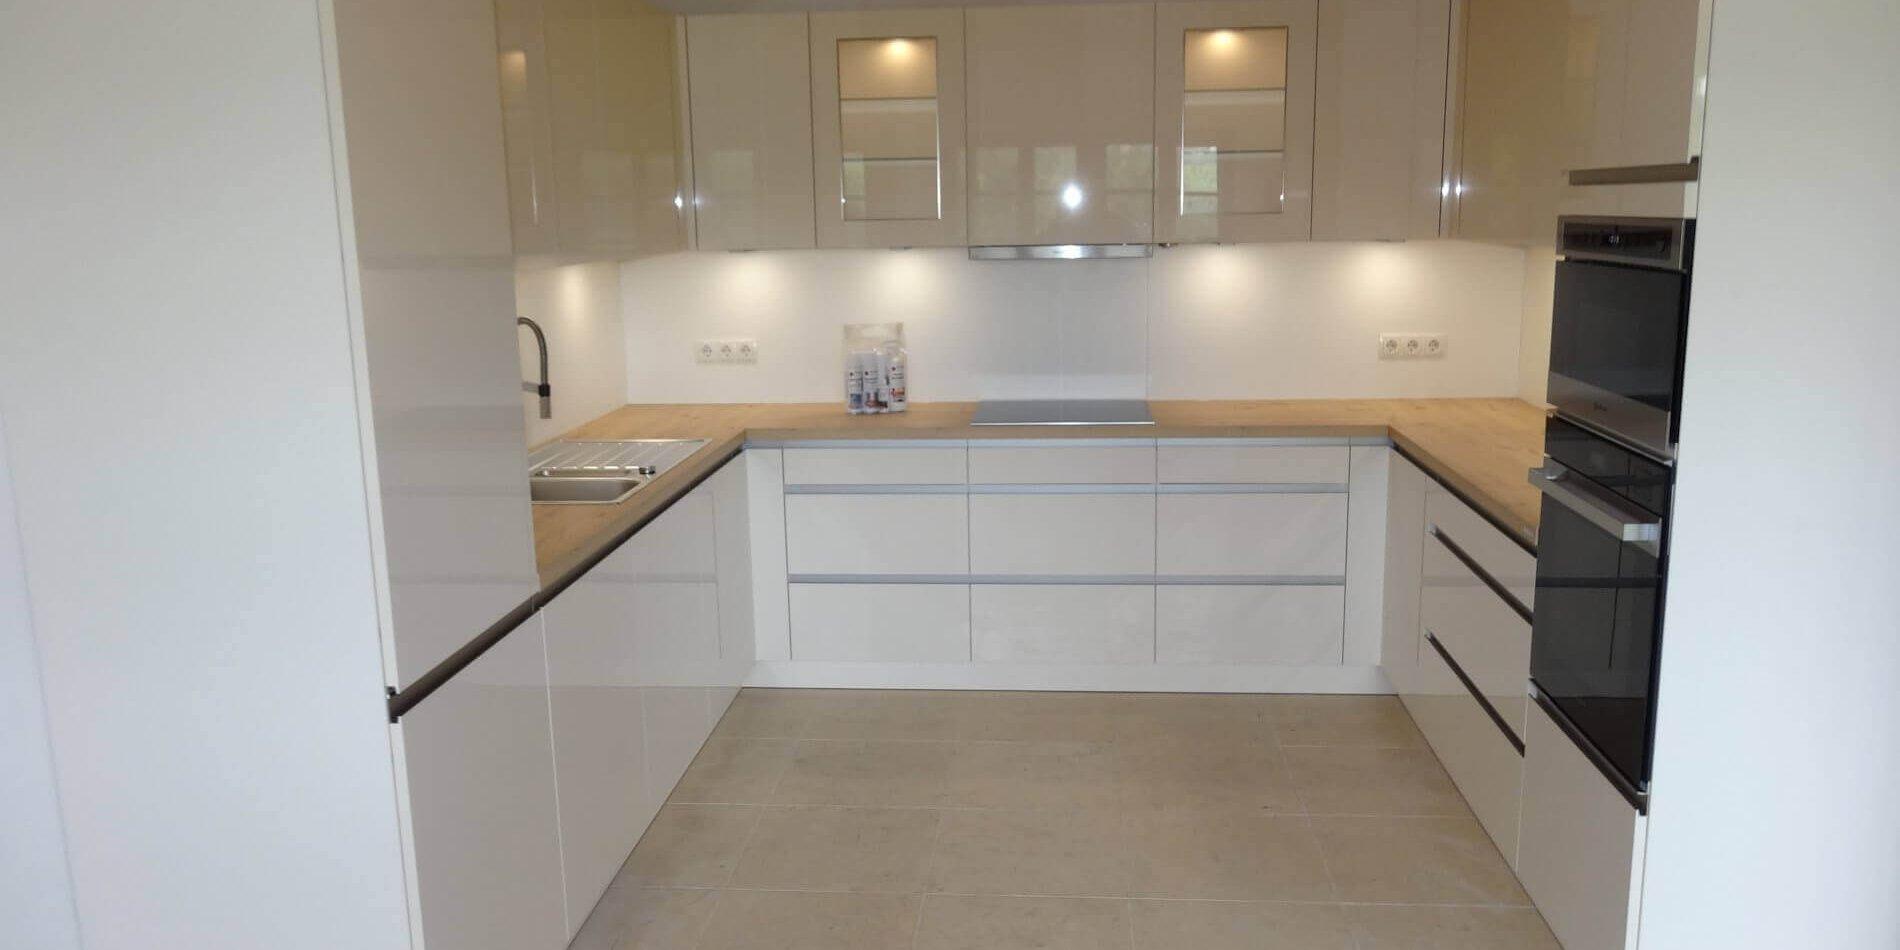 Full Size of Nolte Küchen Glasfront Kche Erfahrung Oder Ikea Magnolia Waschbecken Regal Küche Betten Schlafzimmer Wohnzimmer Nolte Küchen Glasfront